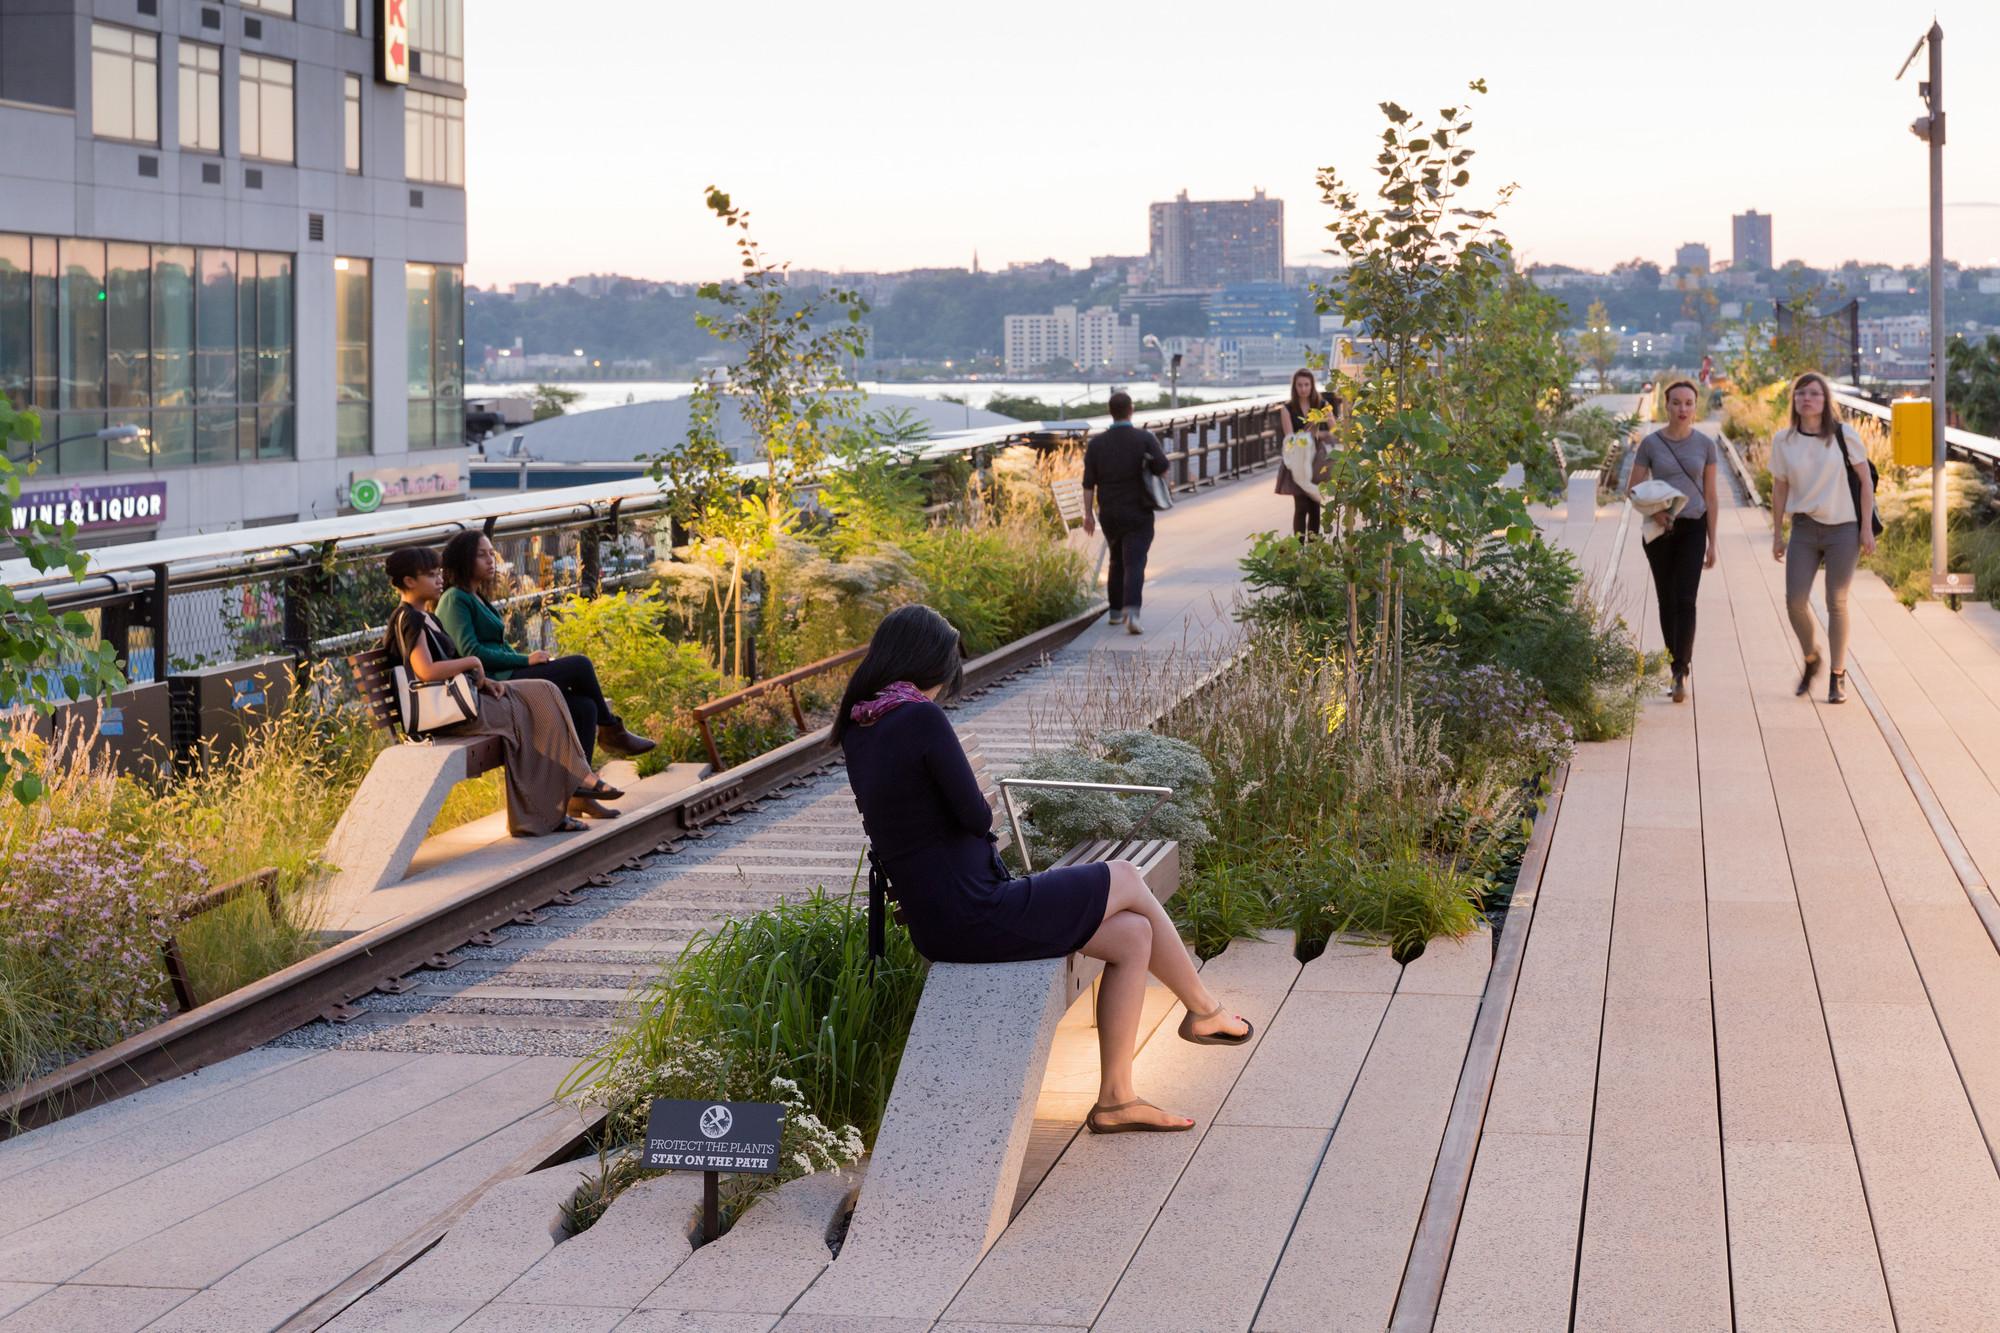 Recorre el inaugurado High Line Nueva York en 33 fotografías de Iwan Baan, Tercera etapa: Vista hacia el oeste, cercano a uno de los tres paseos en las vías férreas en el High Line en Rail Yards.. Image © Iwan Baan, 2014